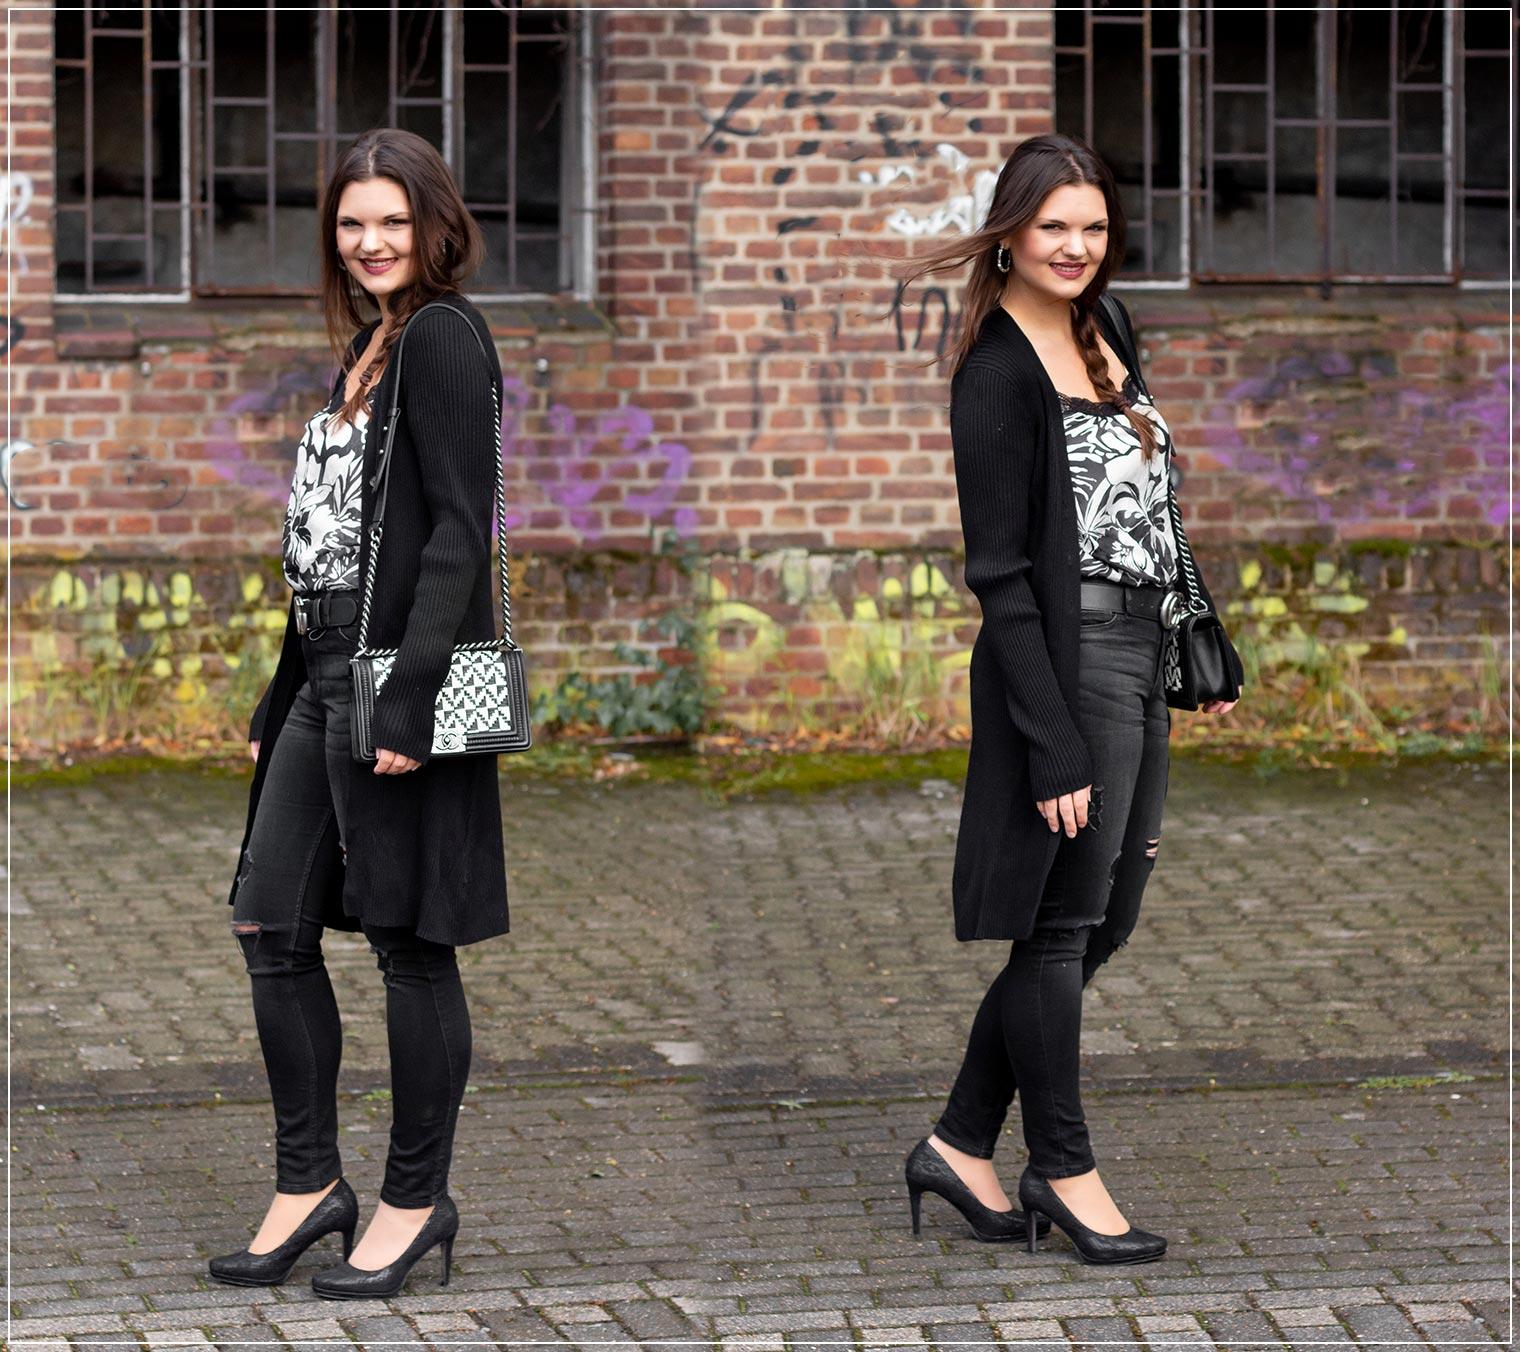 Herbstlook mit Satin-Top und Ripped Jeans